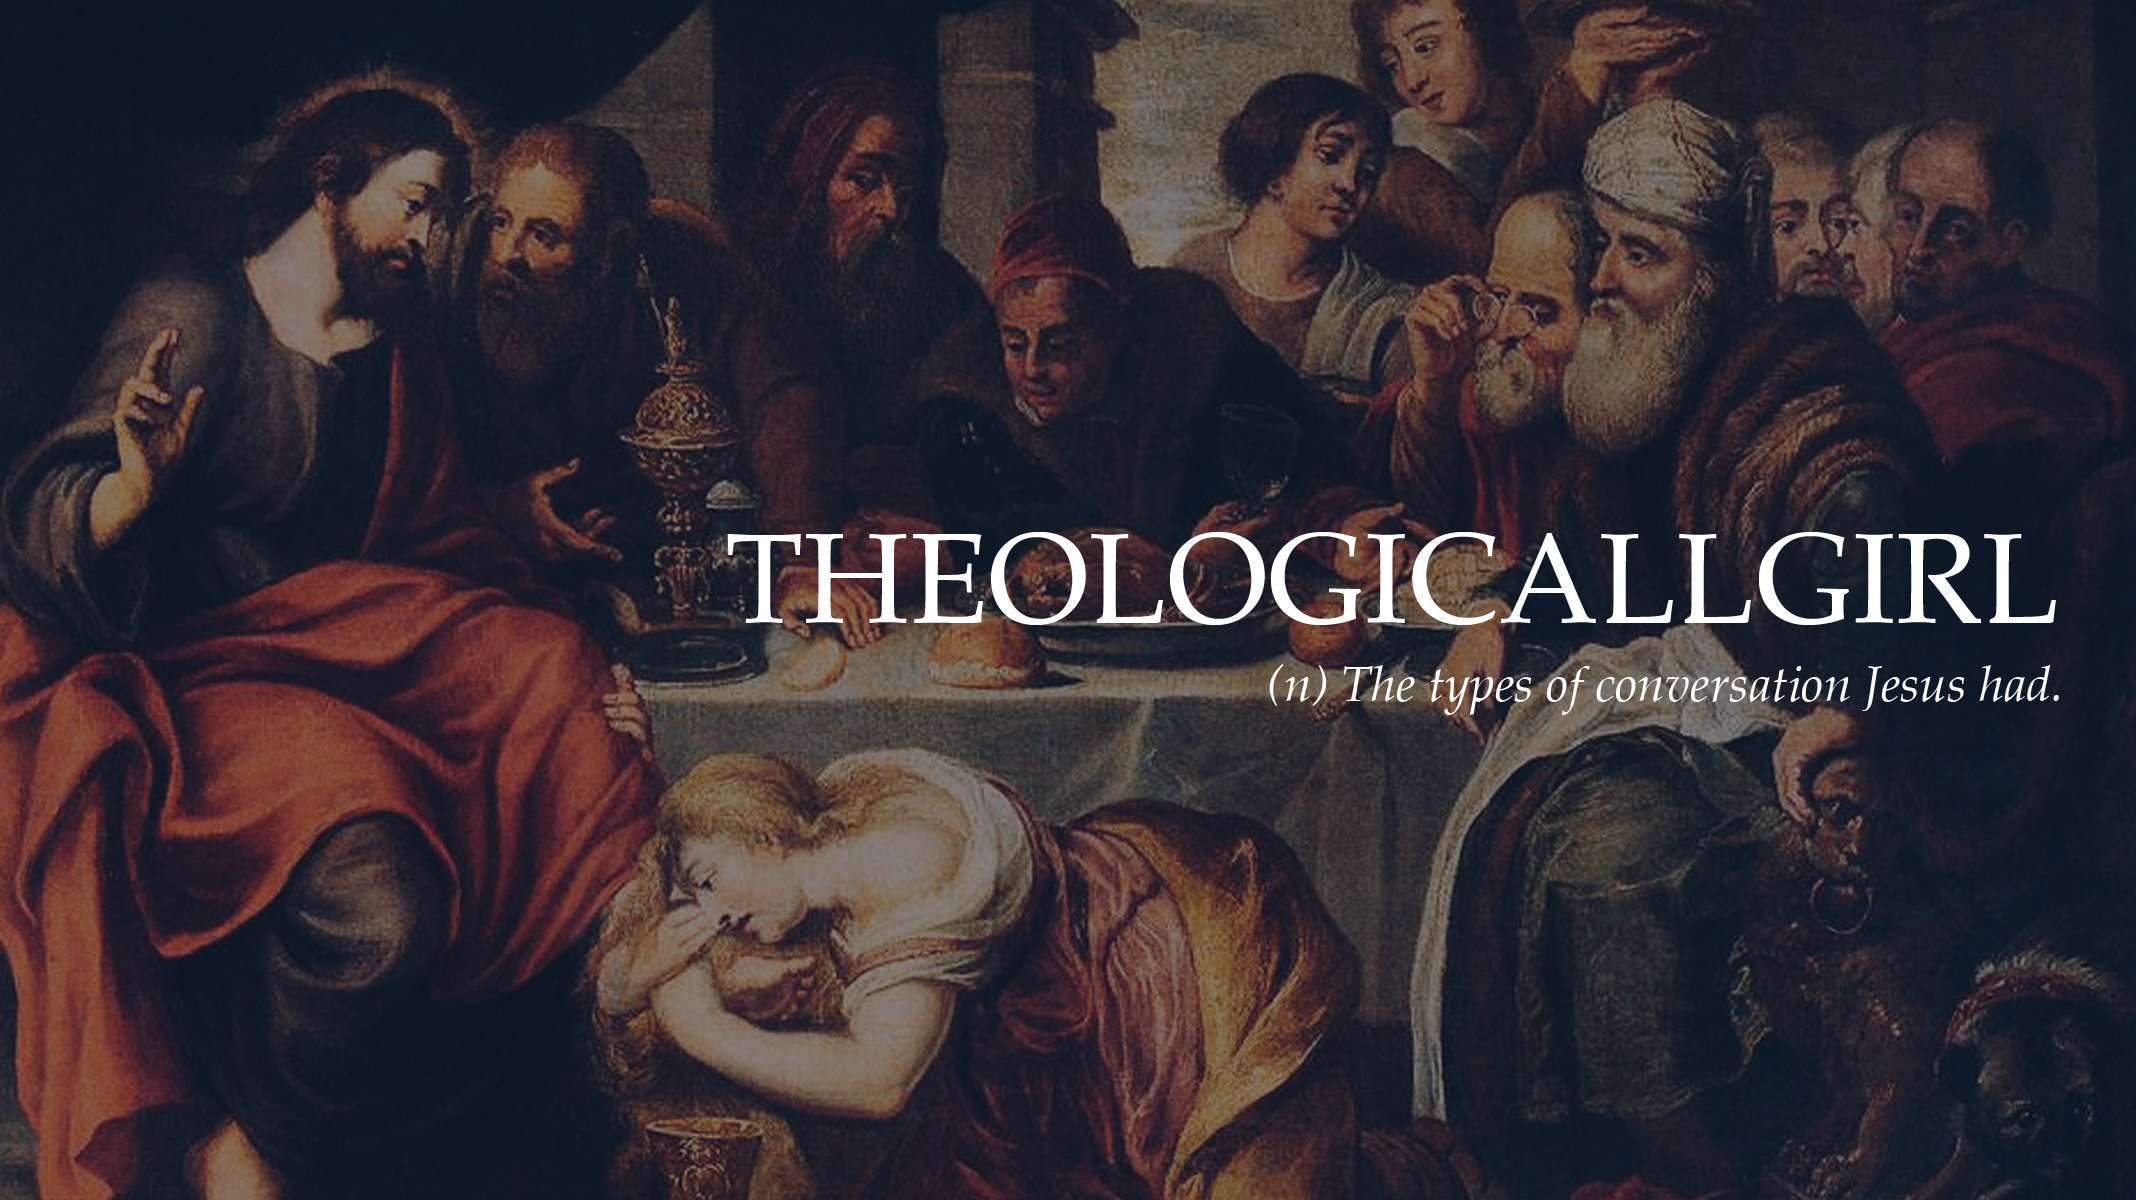 Theologicallgirl.jpg